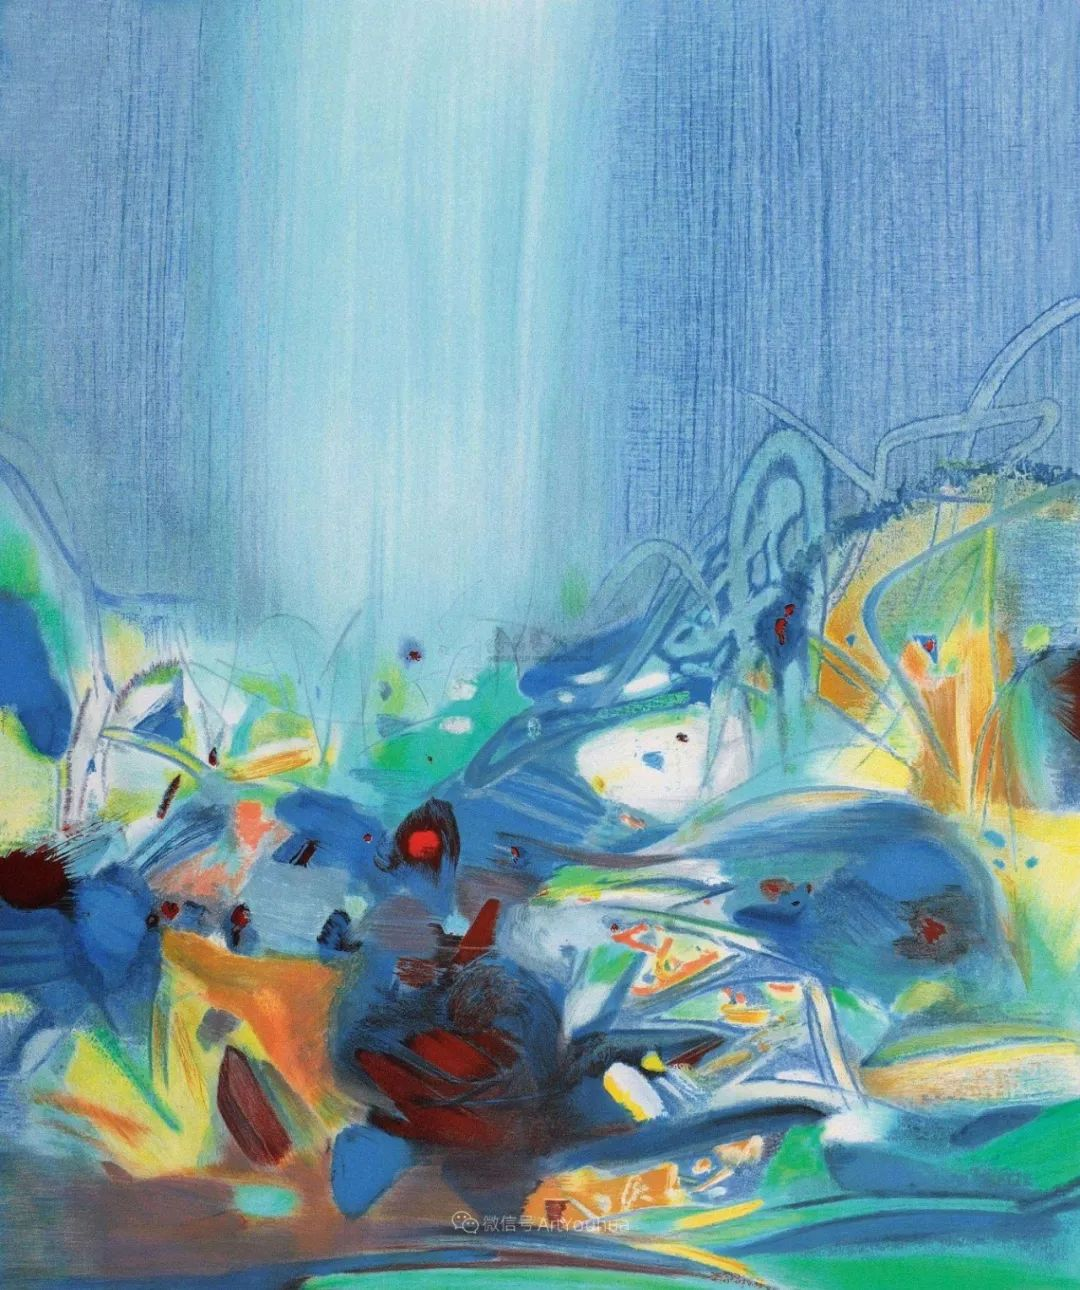 以色彩写诗,具象转抽象,朱德群作品欣赏 (高清)插图25